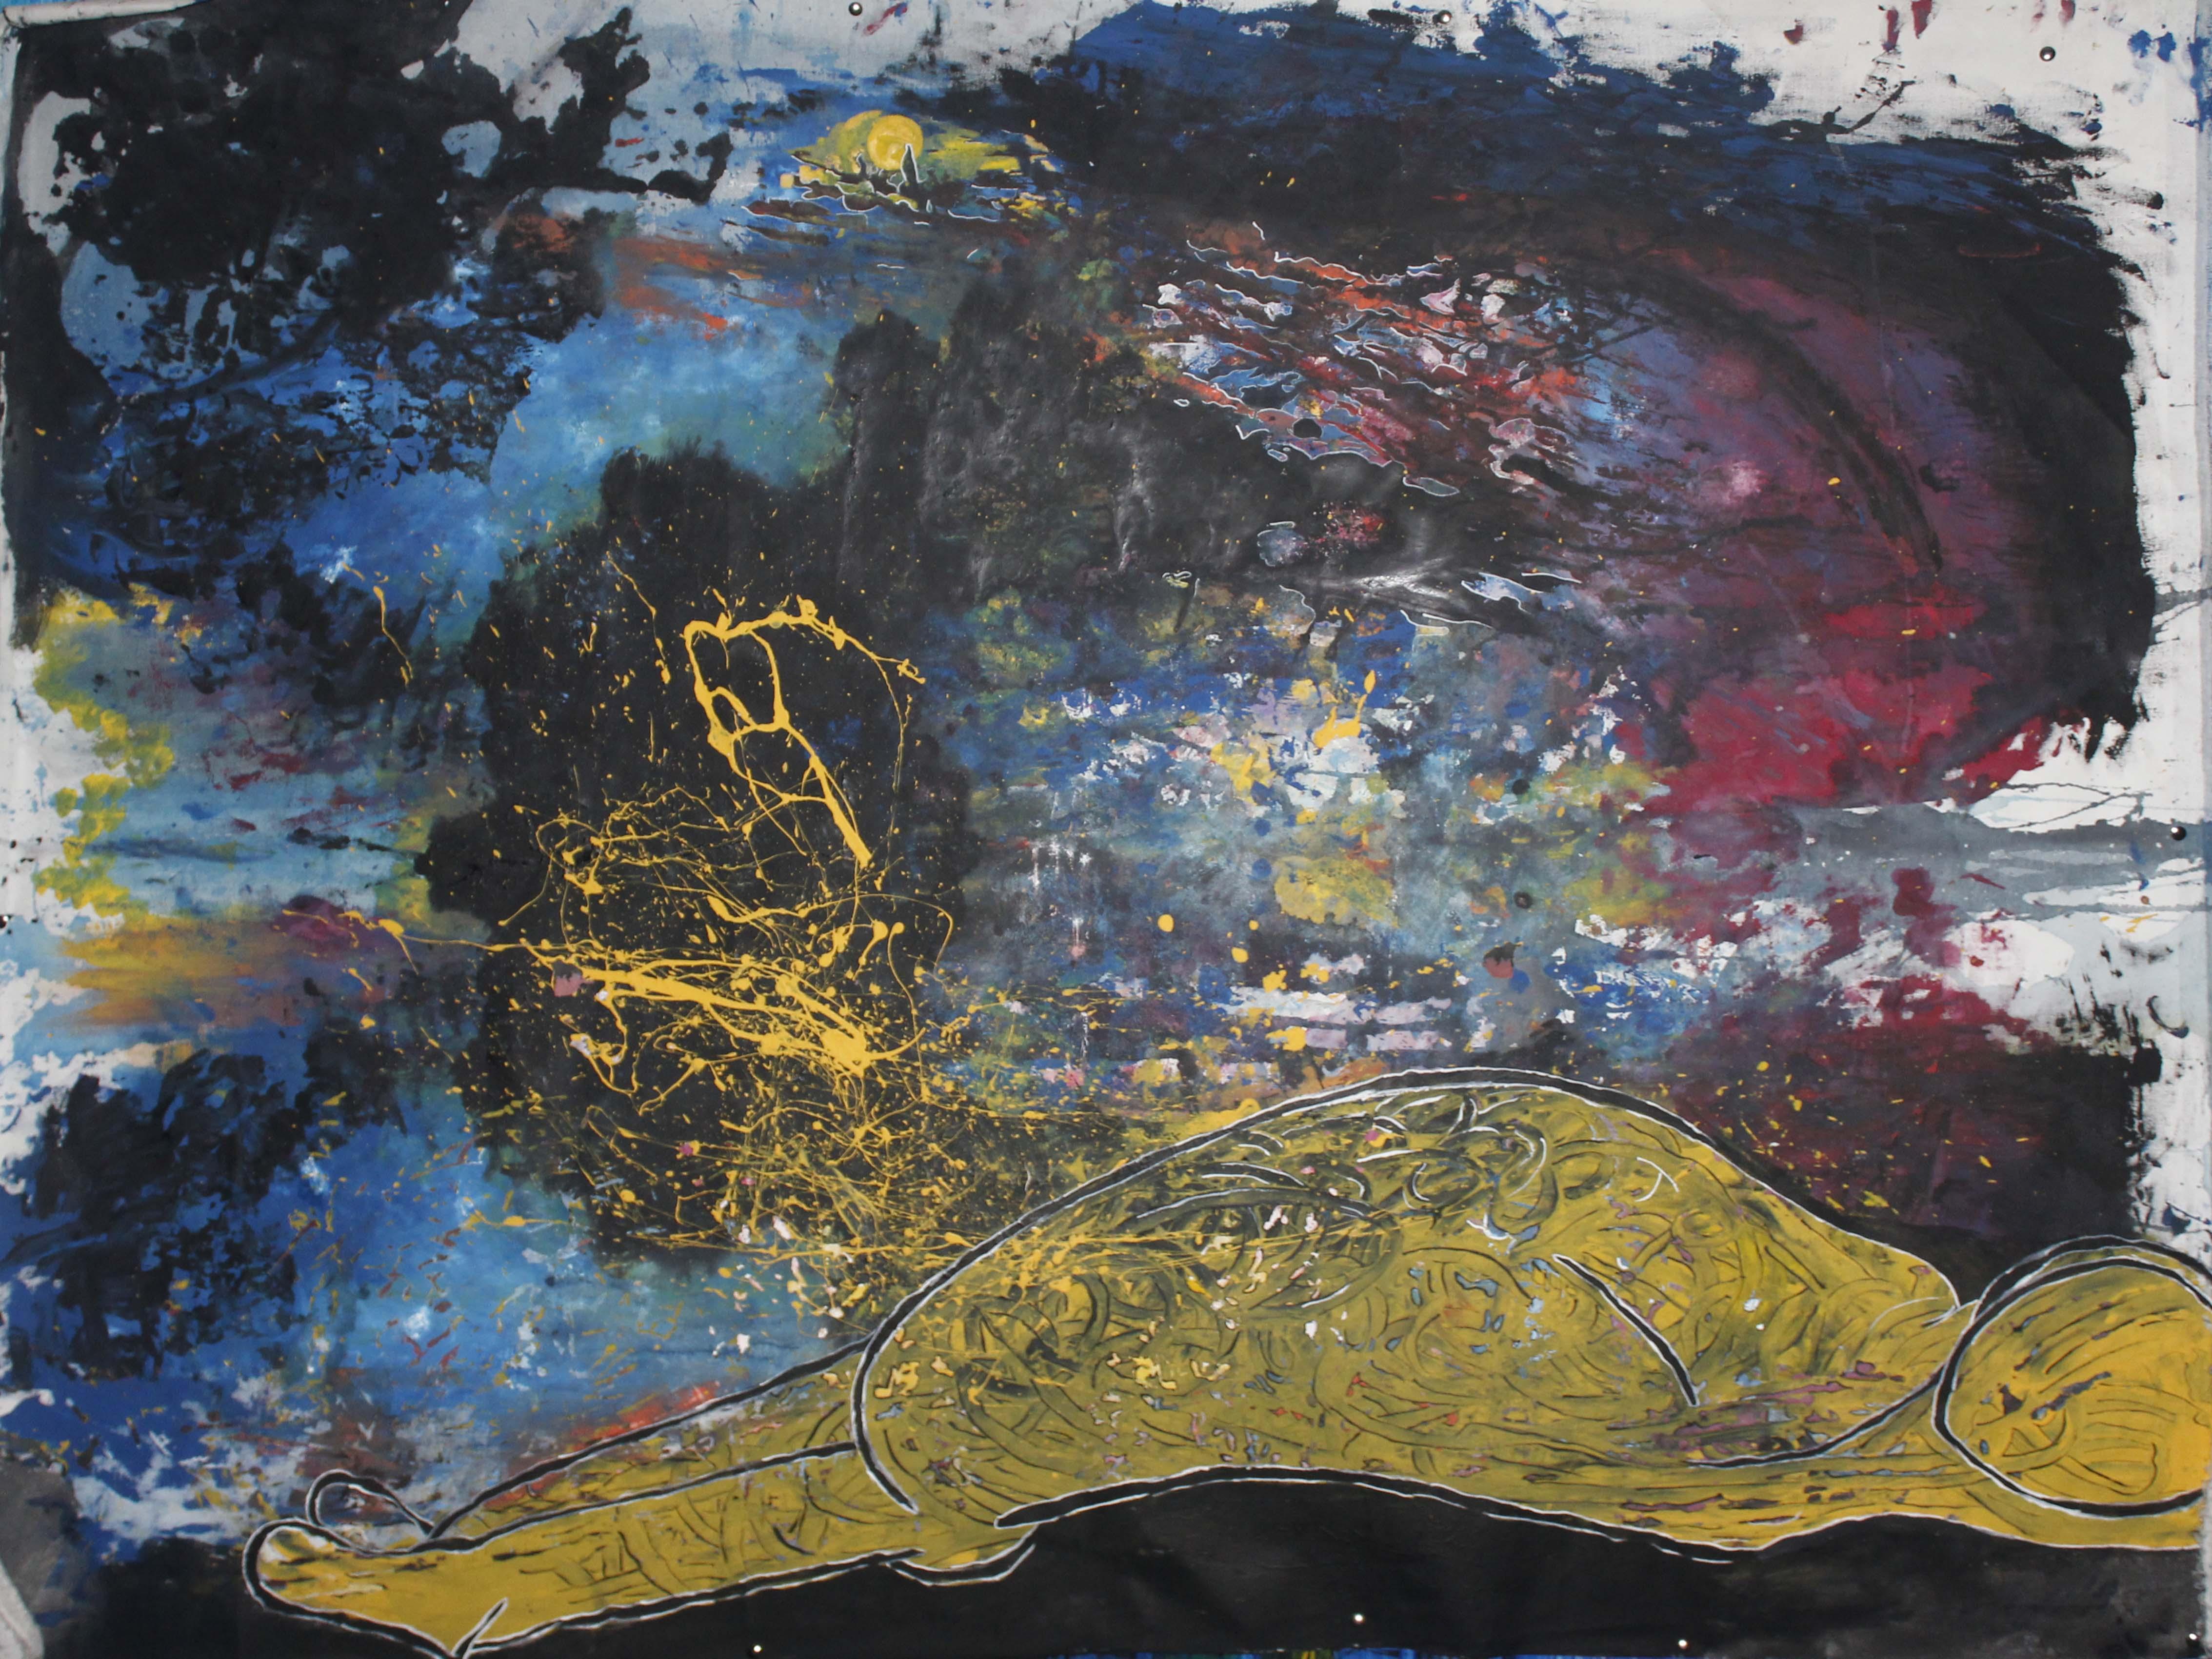 ცისია როსტიაშვილის ნახატები, cisia rostiashvilis naxatebi, Cisia Rostiashvili, Qwelly, art, გონება, გონების ჭრილები, გრძნობა, მხატვრობა, სისავსე, ტკივილი, ფუნჭი, ცისია როსტიაშვილი, ჭრილები, ხელოვნება